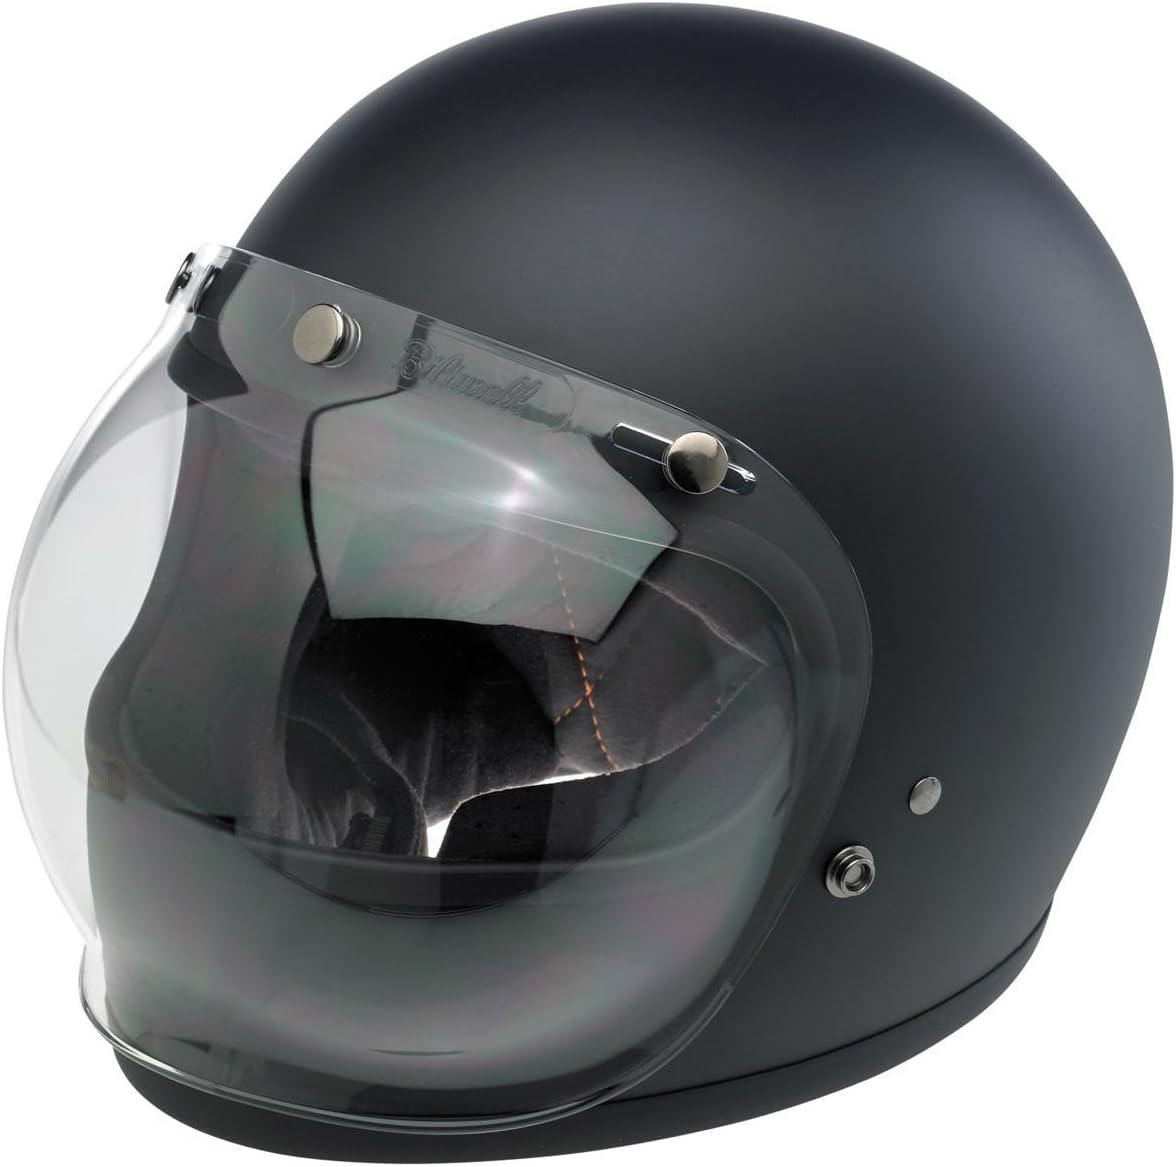 Visier Bubble Biltwell Transparent Beschlagfrei Für Jet Helme Mit 3 Knöpfen Auto